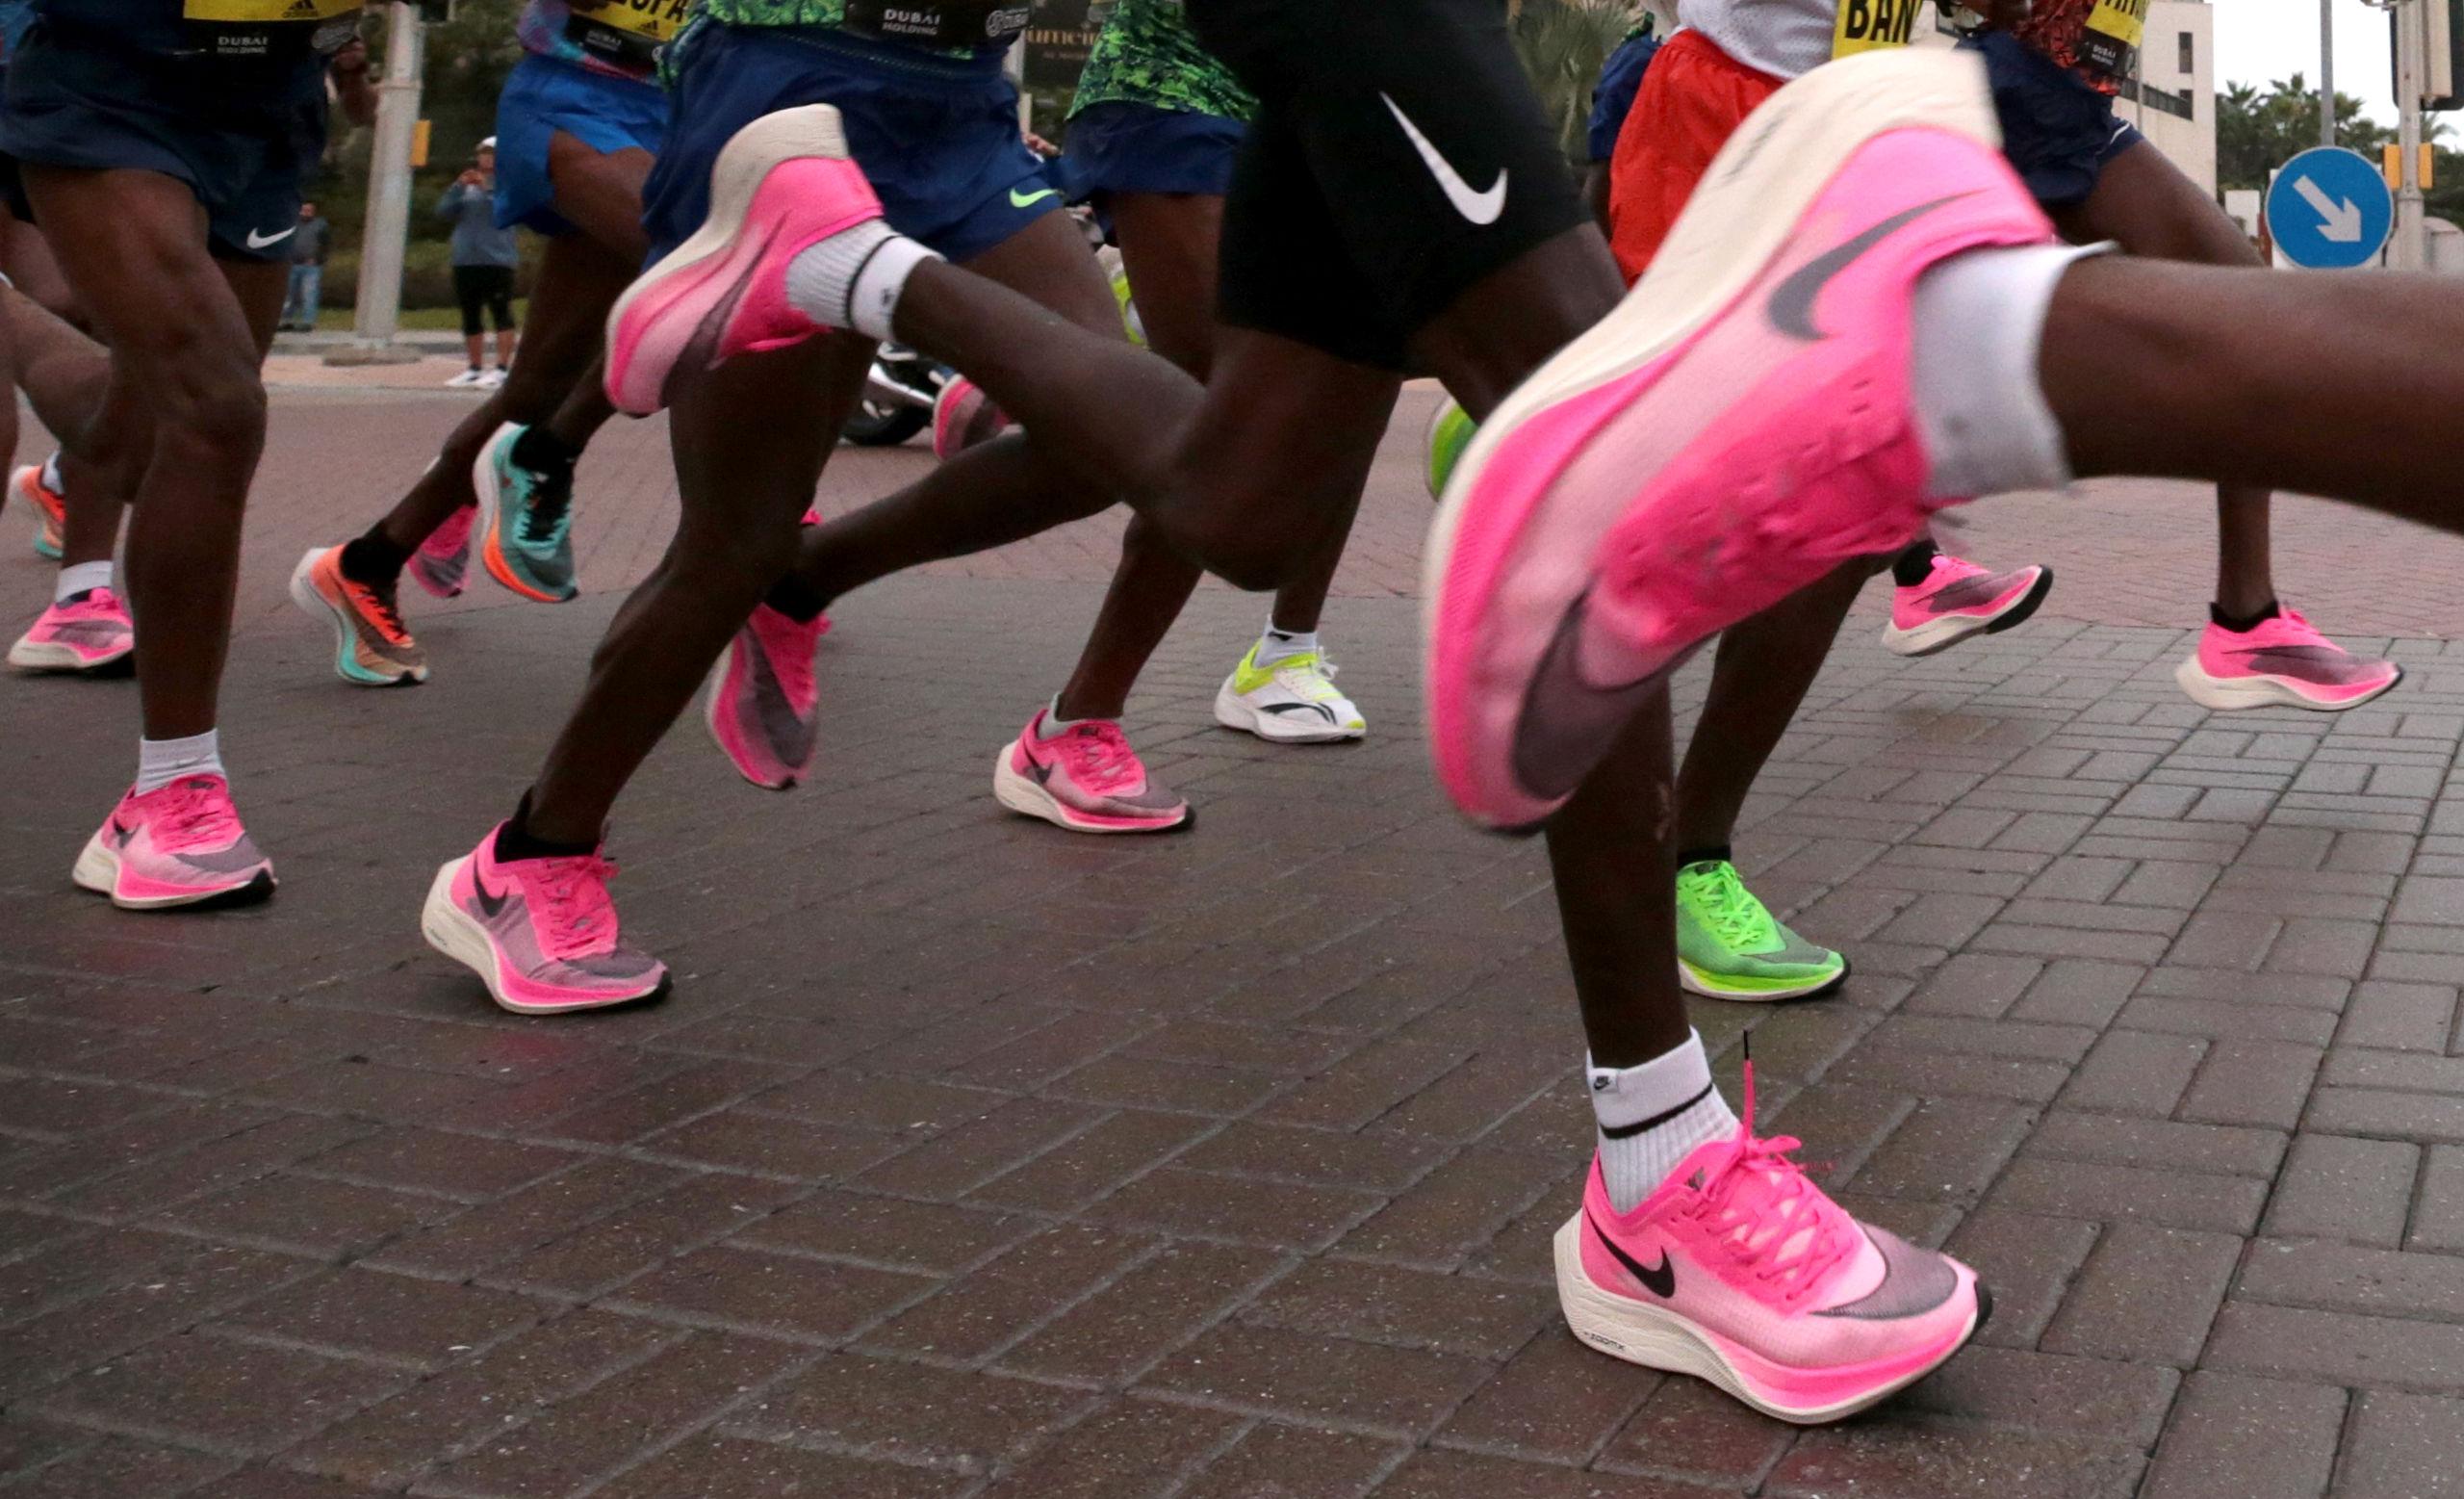 Atletiekbond verbiedt opvolger recordbrekende schoen Nike